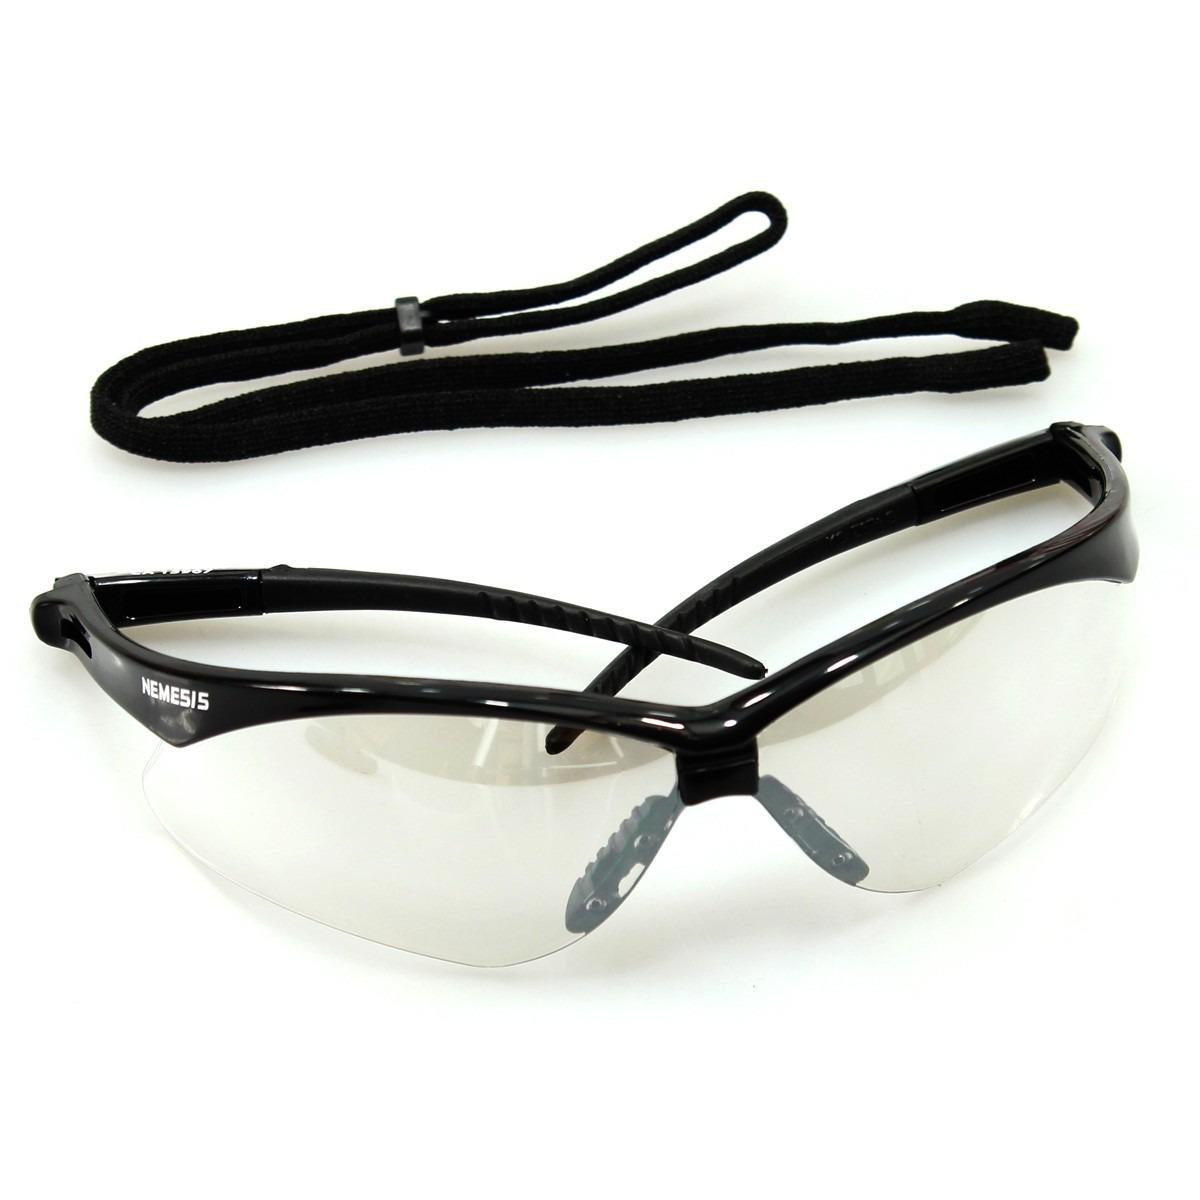 5c3ac86afe040 Óculos Nemesis Jackson Armação Preta Lente In-out Uv Ca Unid - R  48,90 em  Mercado Livre